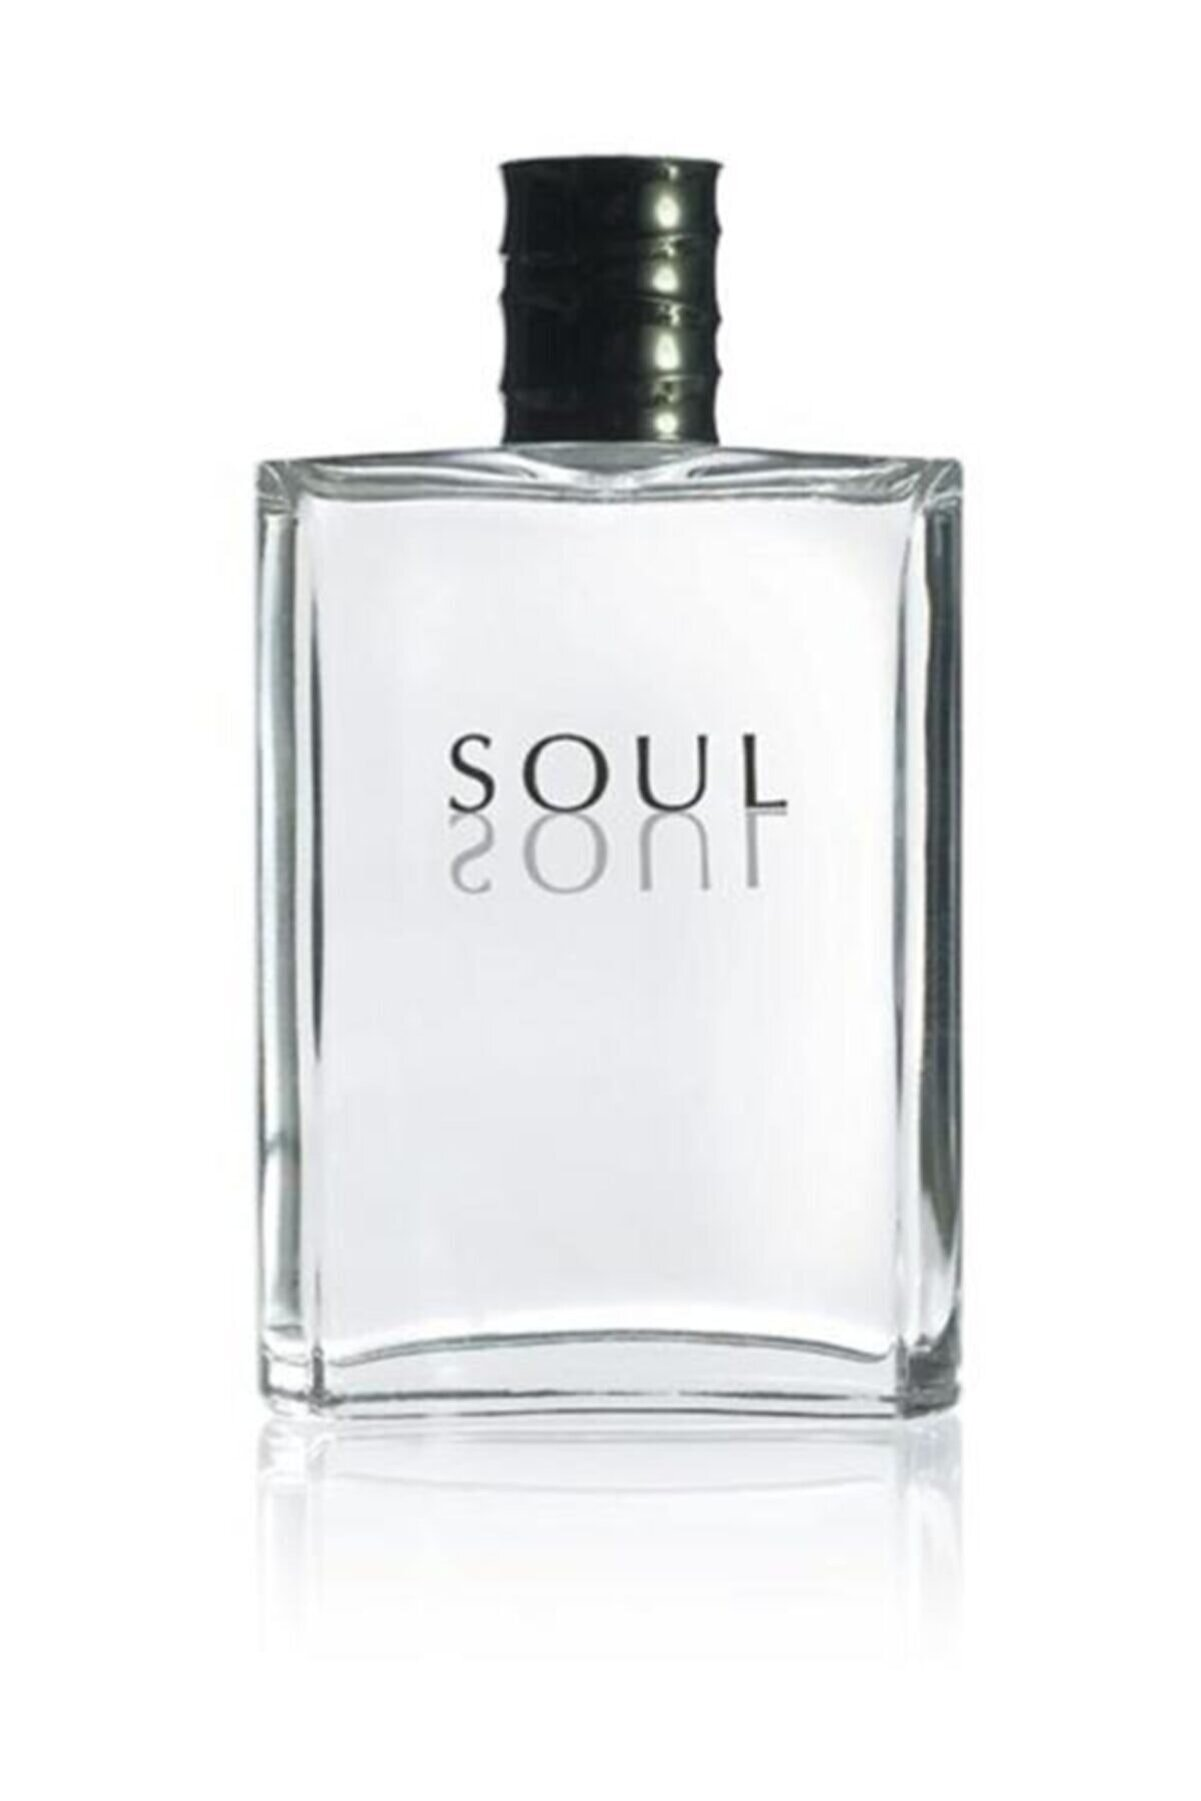 Oriflame Soul Edt Parfüm